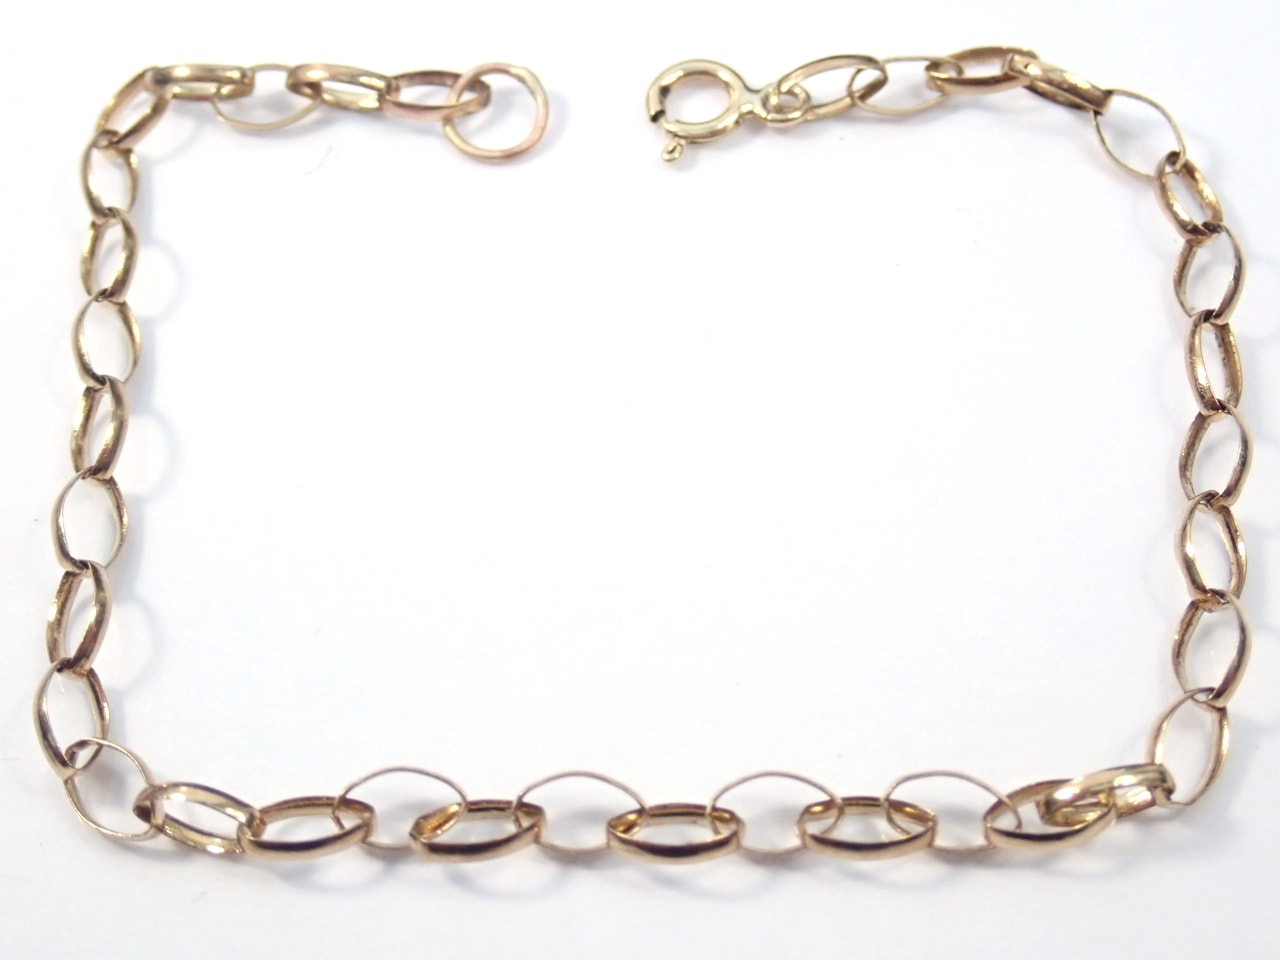 Anchor Chain Bracelet - Anklet Solid 9K Gold 7